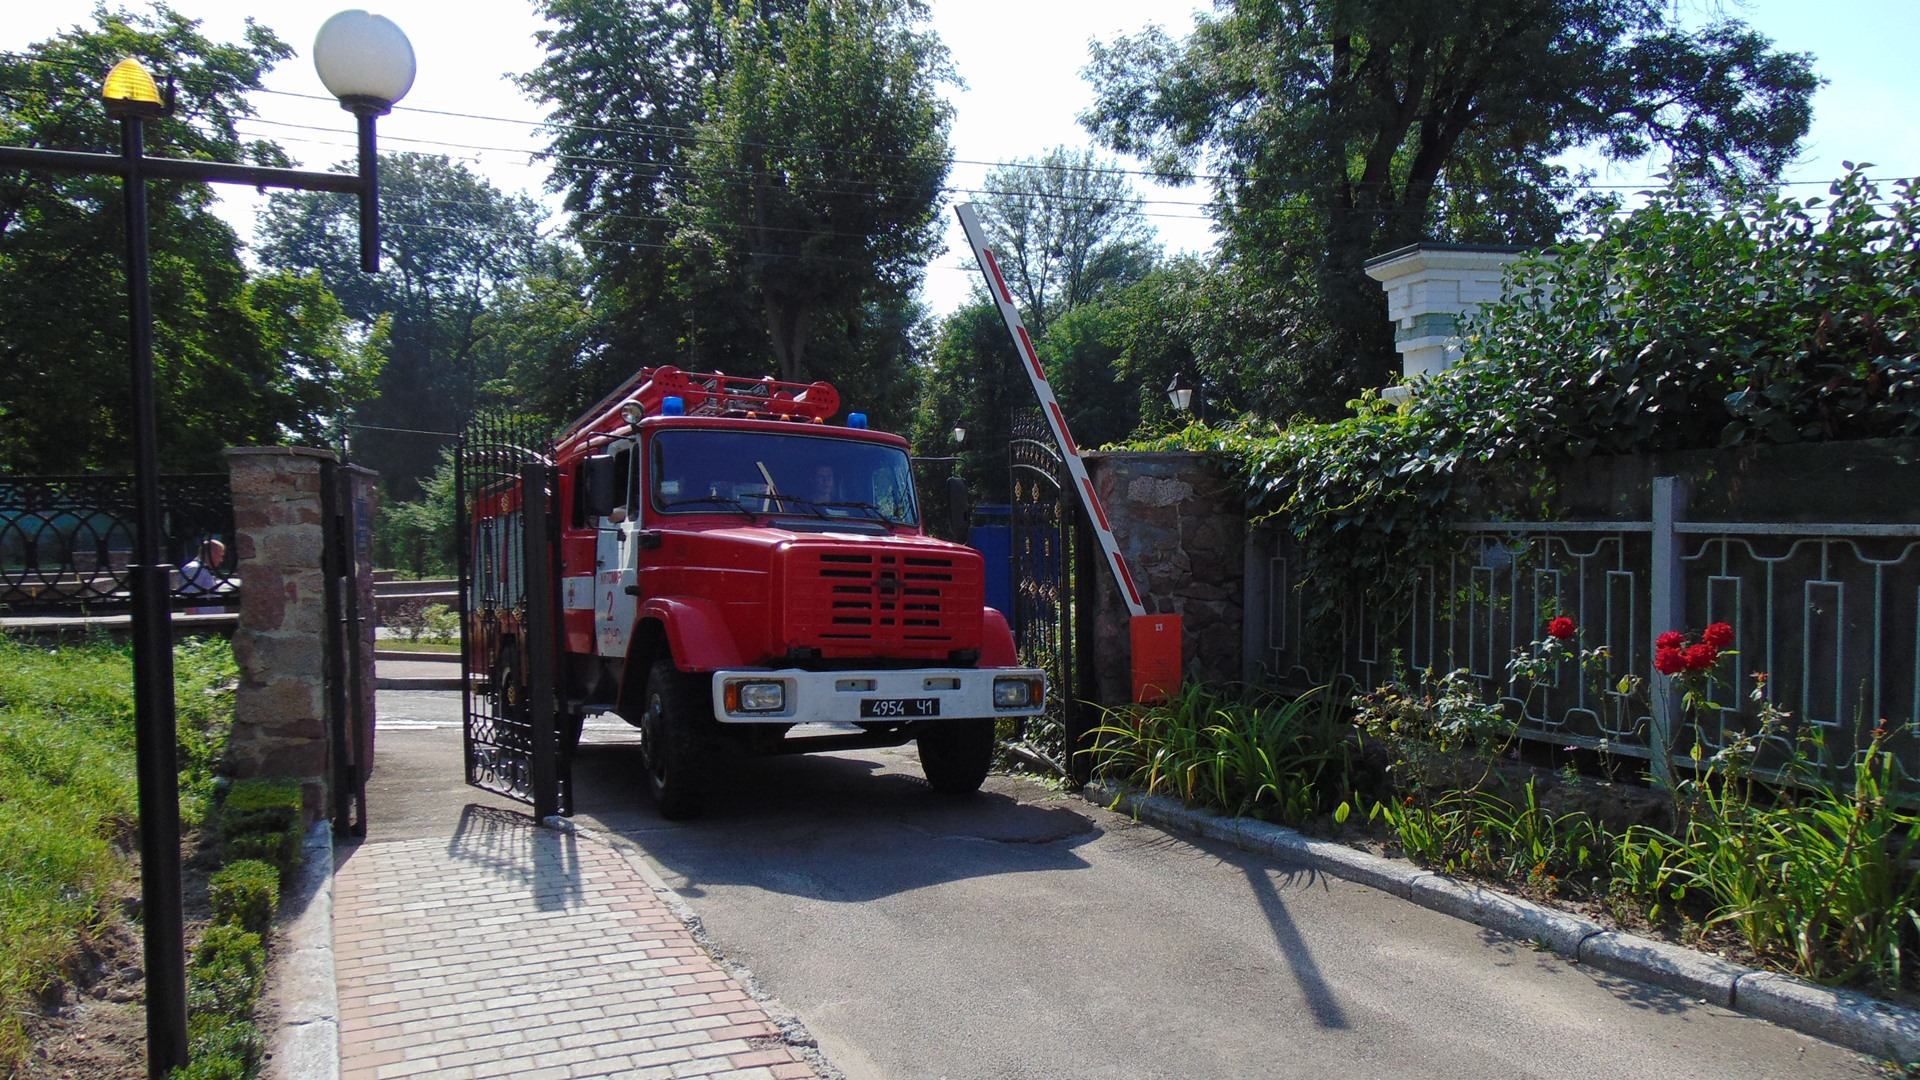 Проведення спеціальних протипожежних тренувань і учбової тривоги за сигналом «Пожежа»